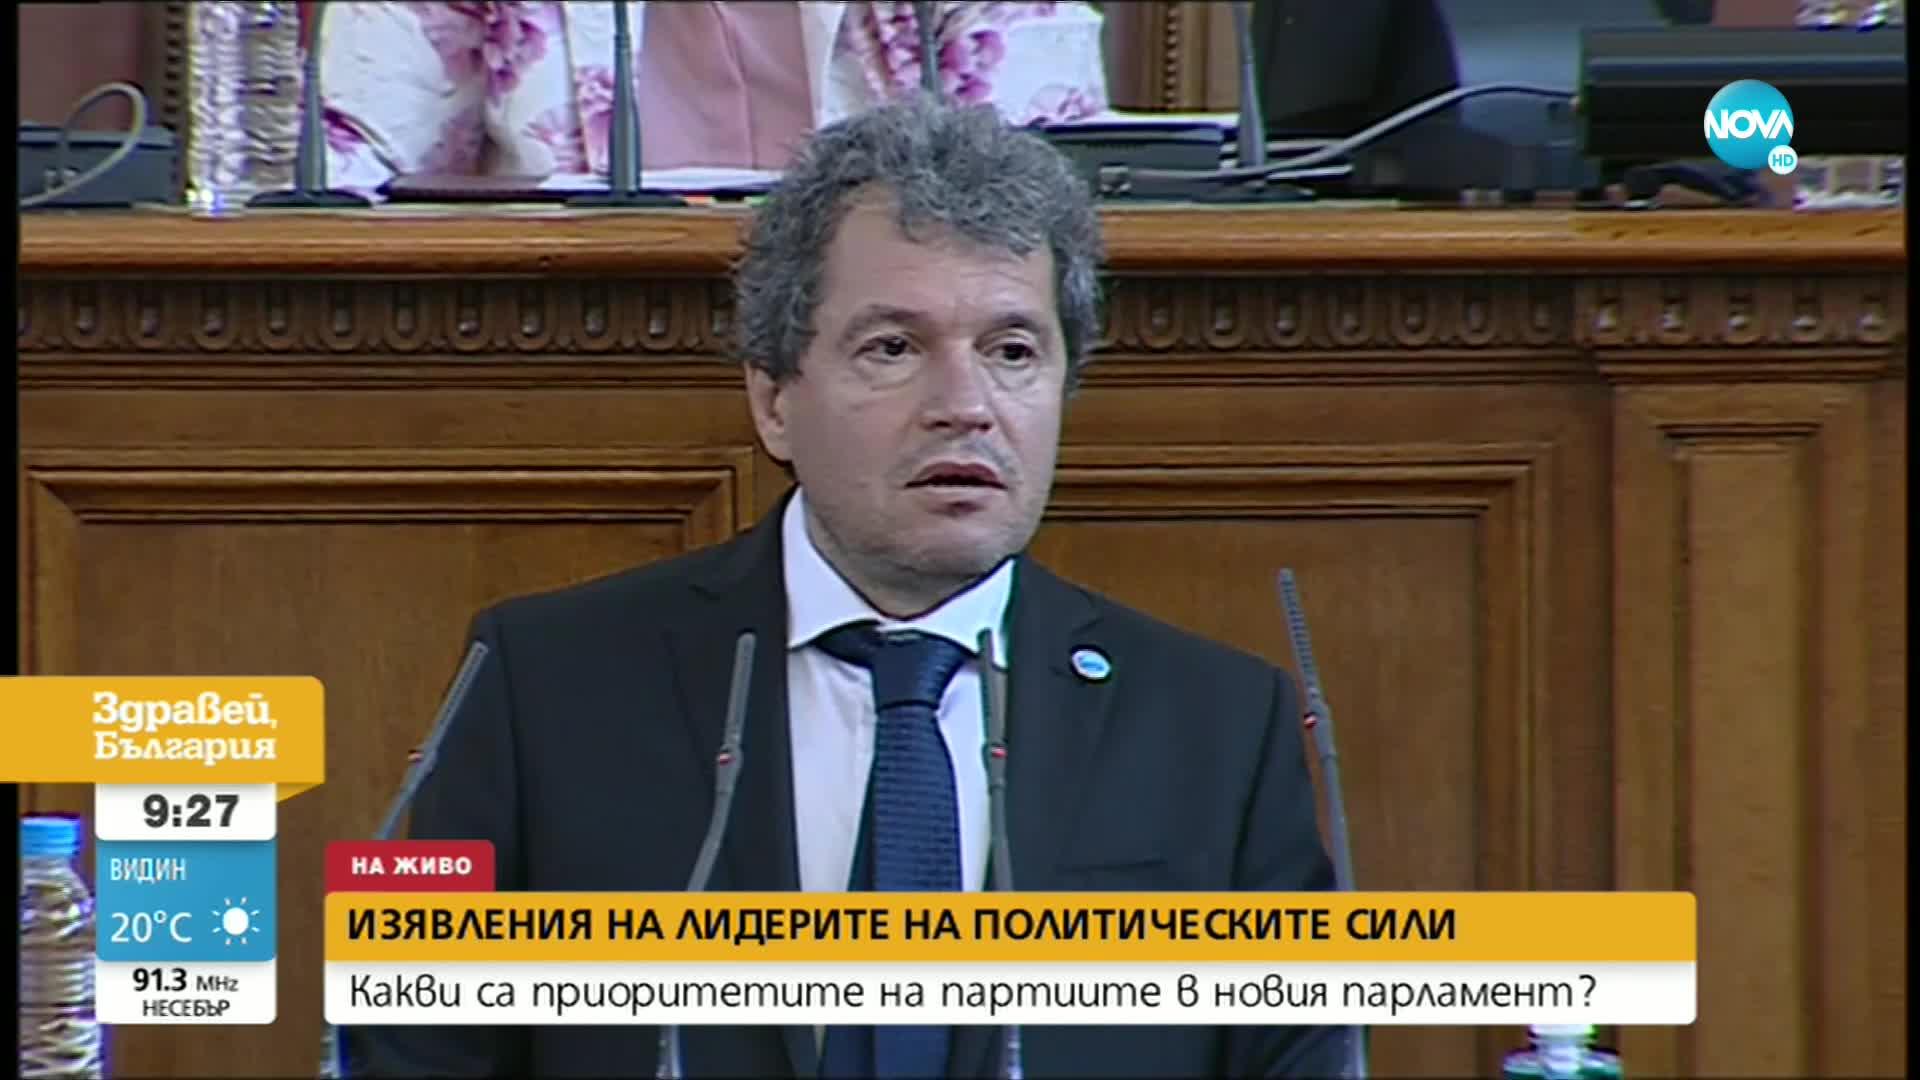 Тошко Йорданов: Този парламент е по-близо до това, което желаят българите